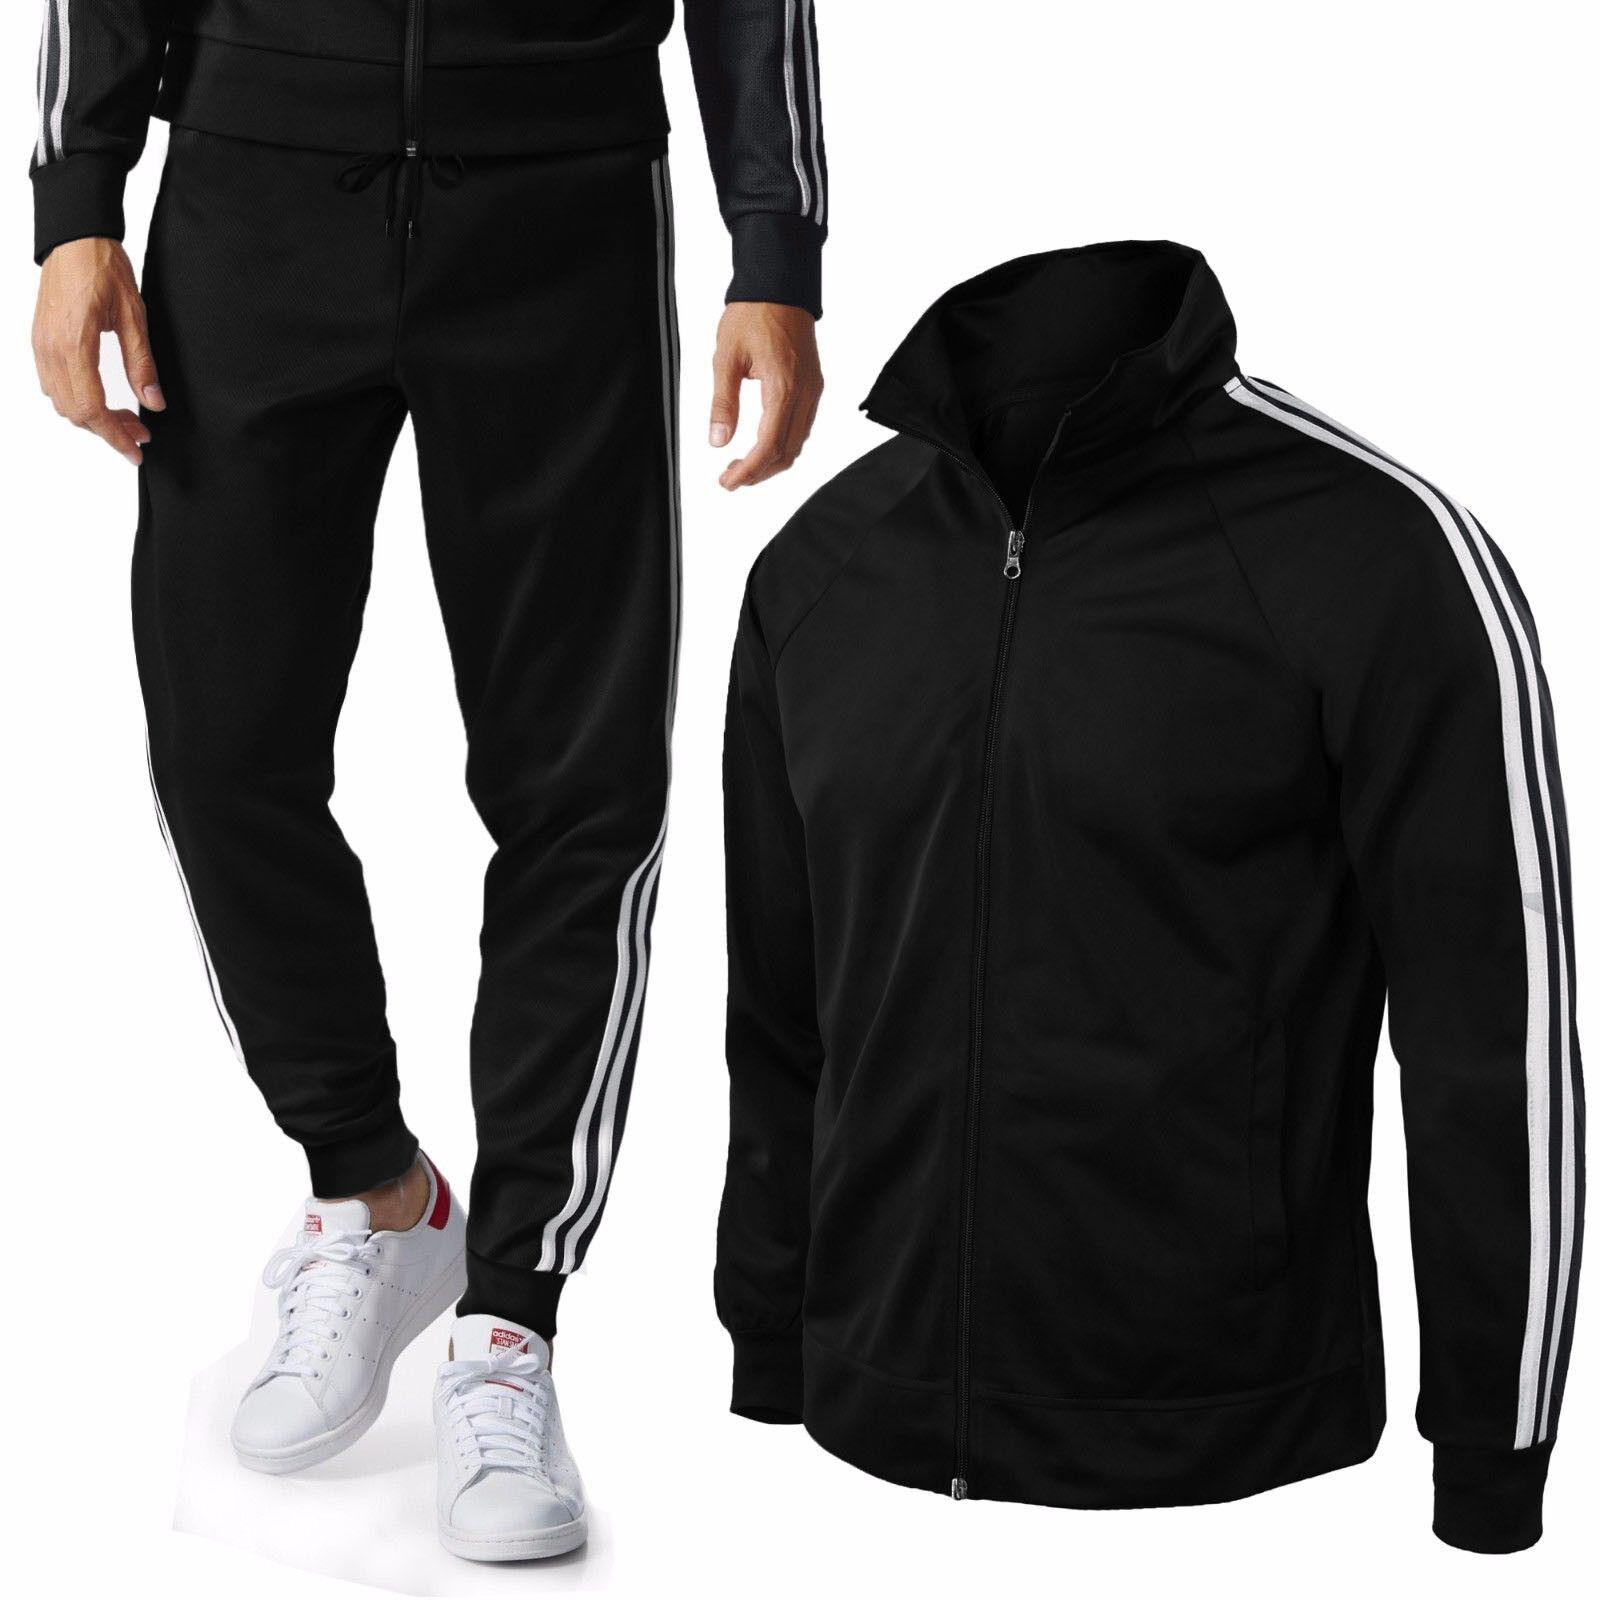 Tuta Uomo Felpa / Maglia + Pantaloni Basic Sport Fitness Casual Righe Cappuccio